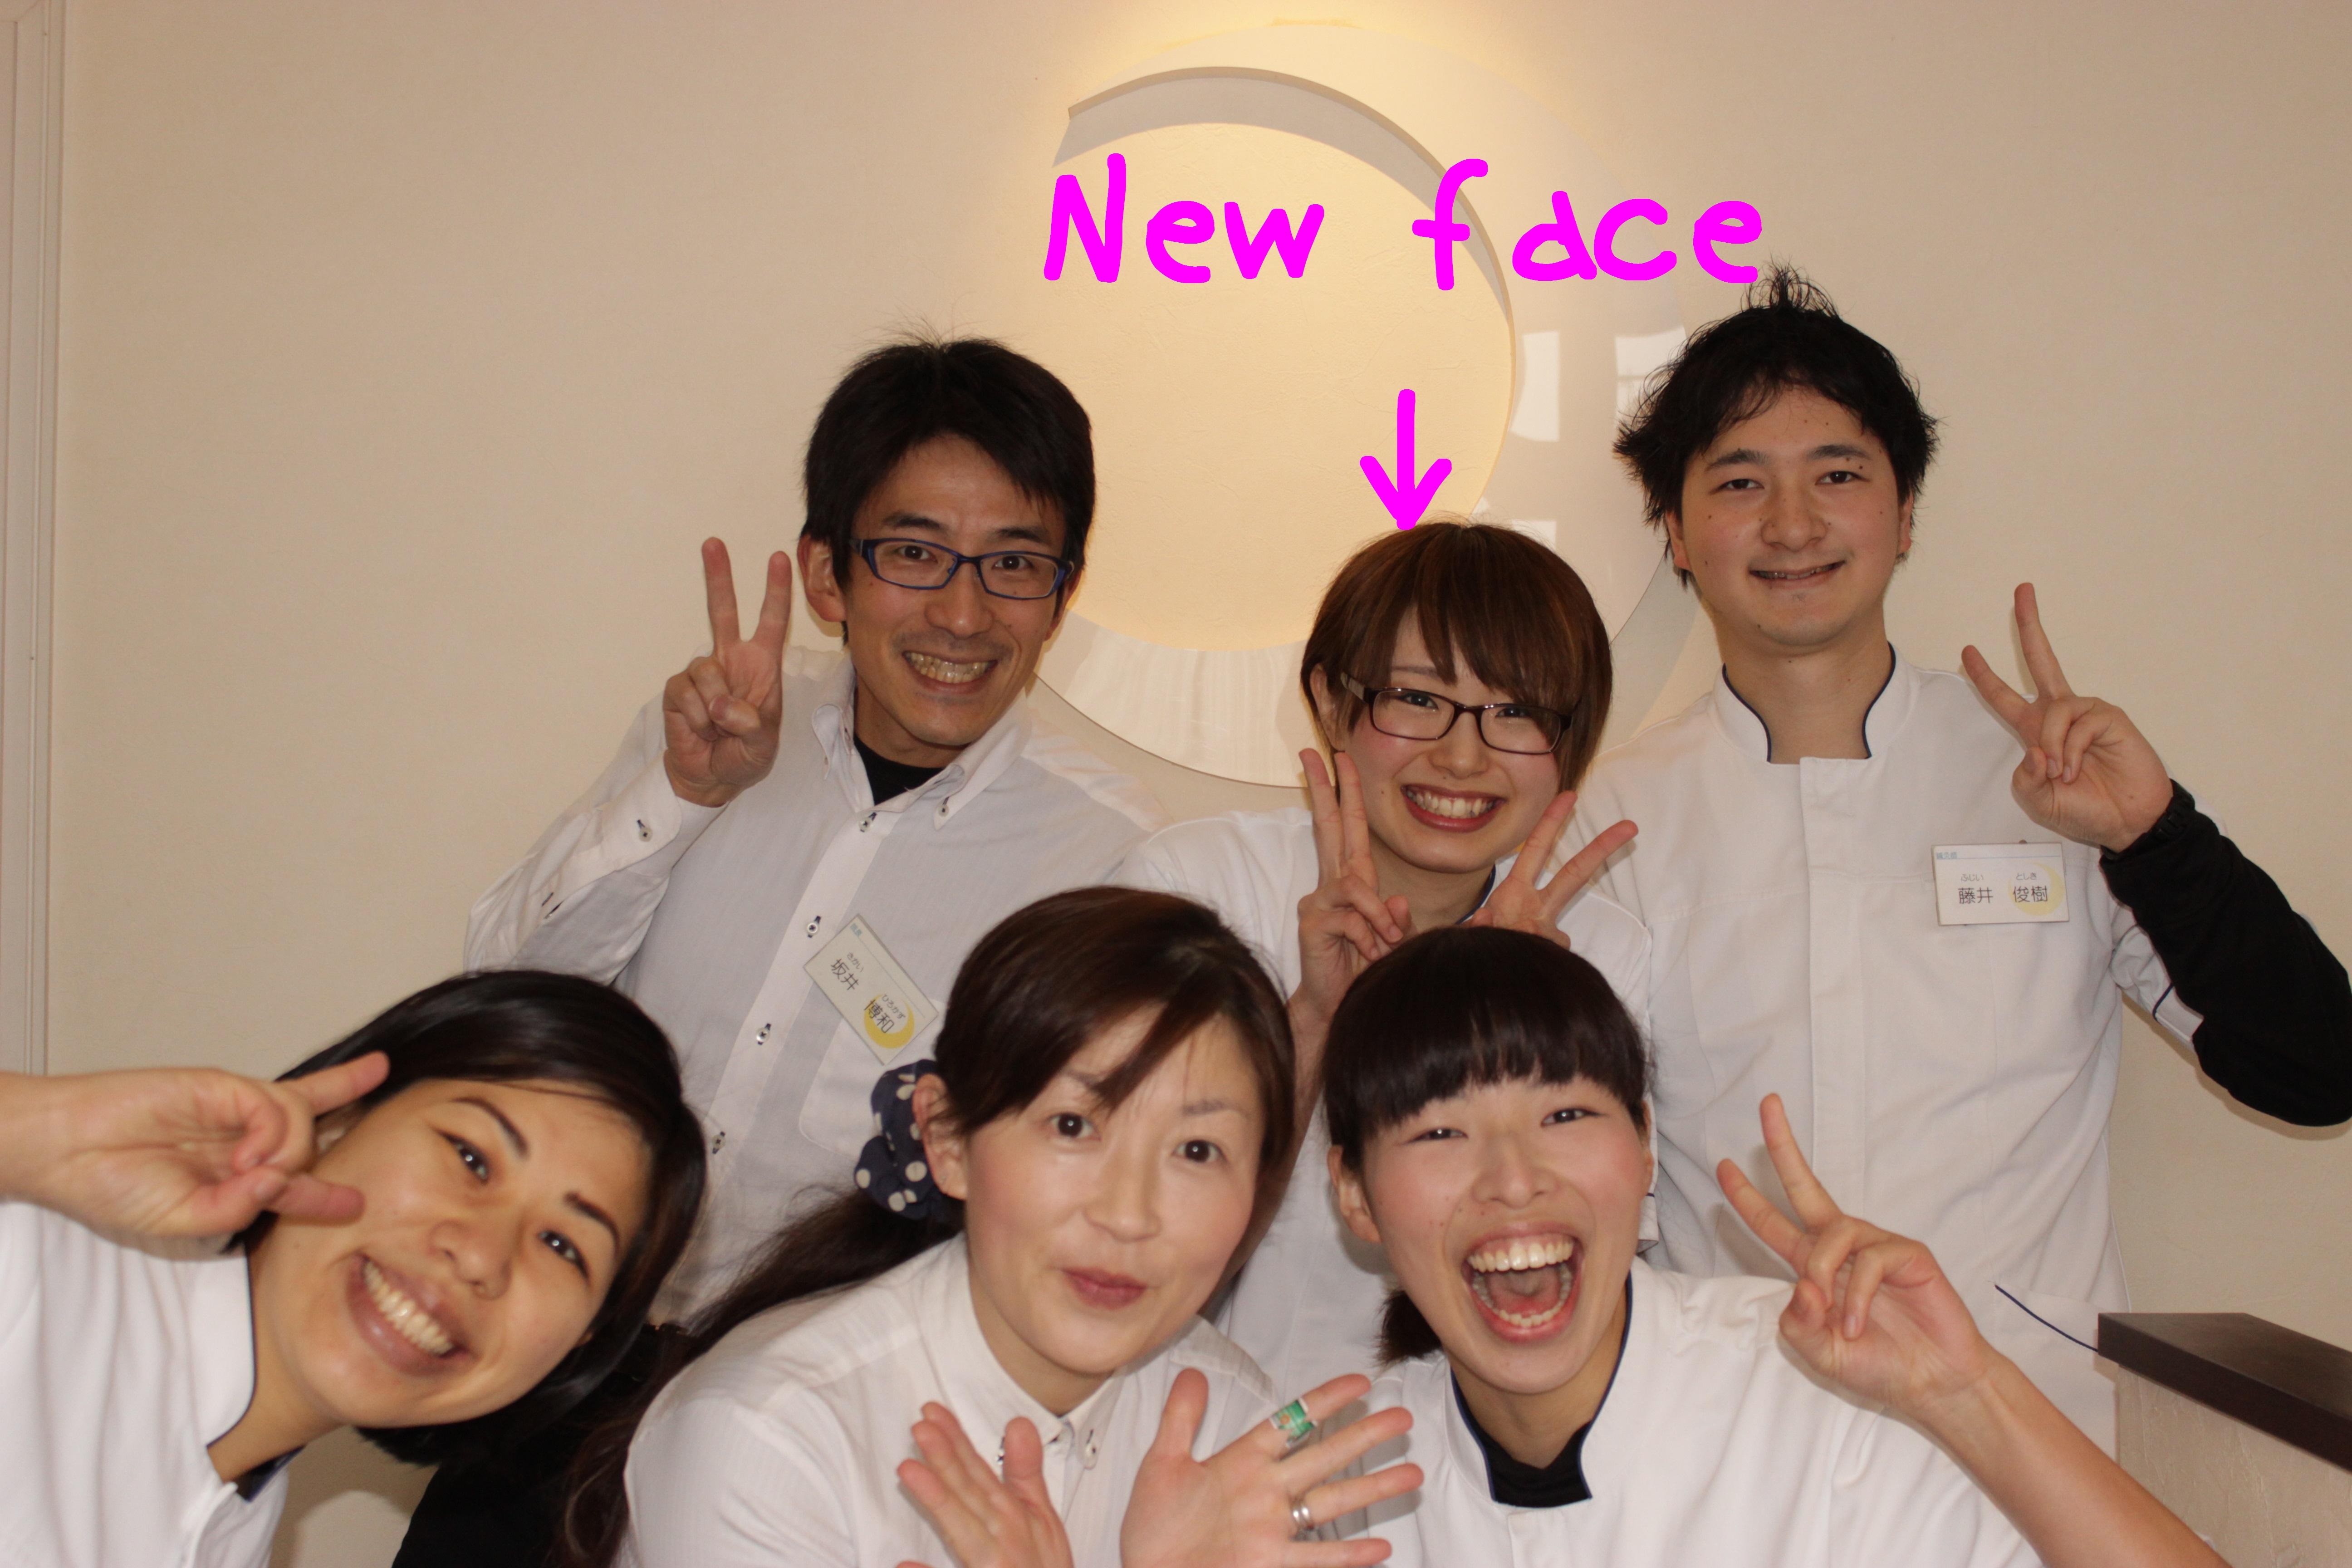 ニューフェイスキャンペーンに鍼灸コースも追加です!